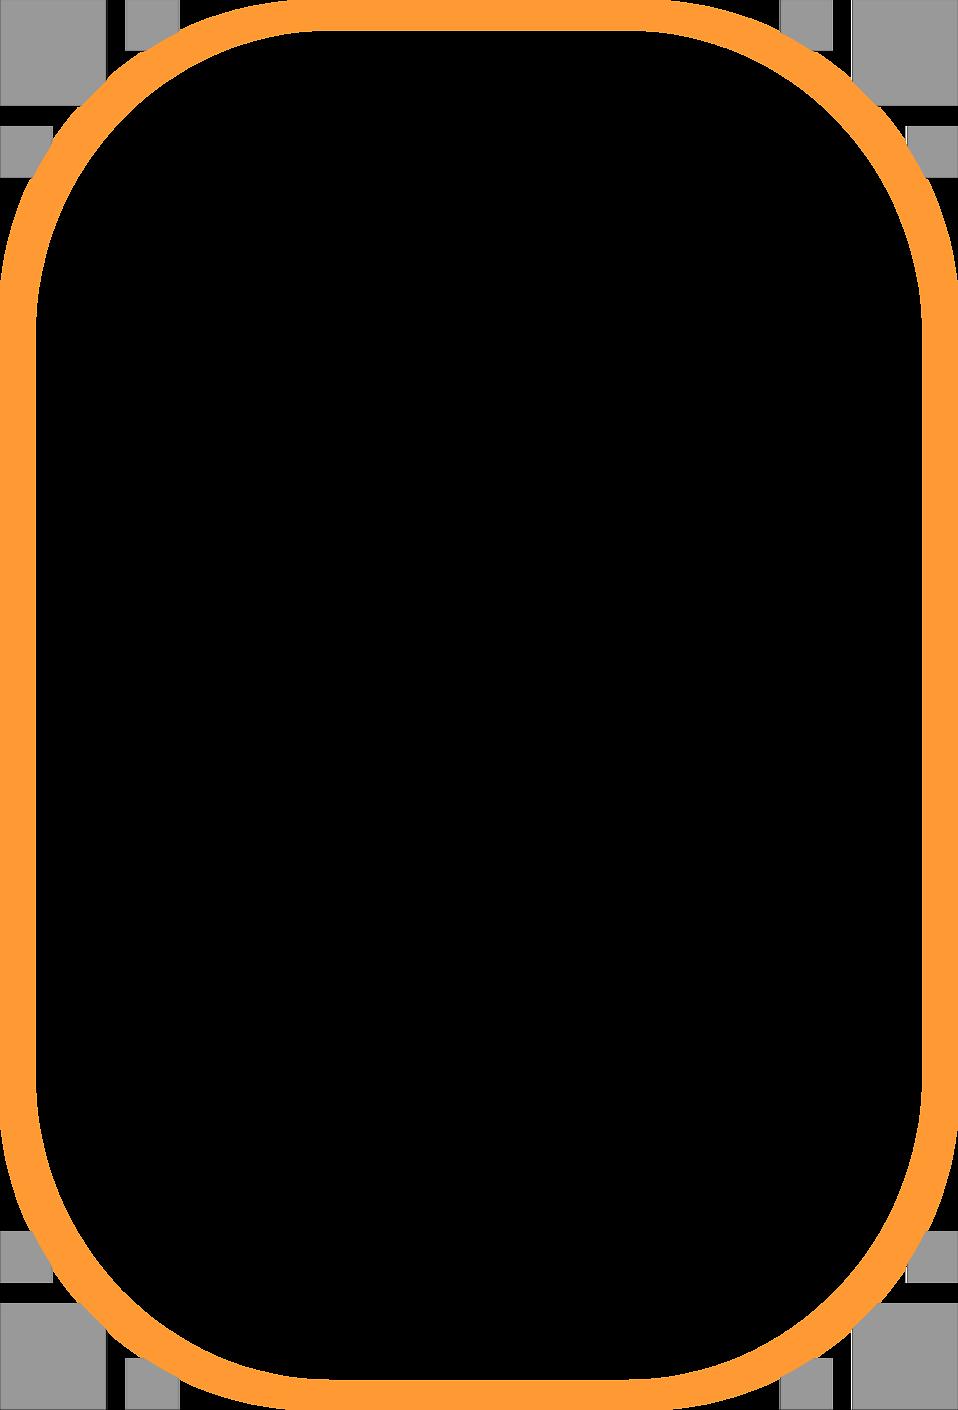 Orange Border Frame Clipart PNG Image